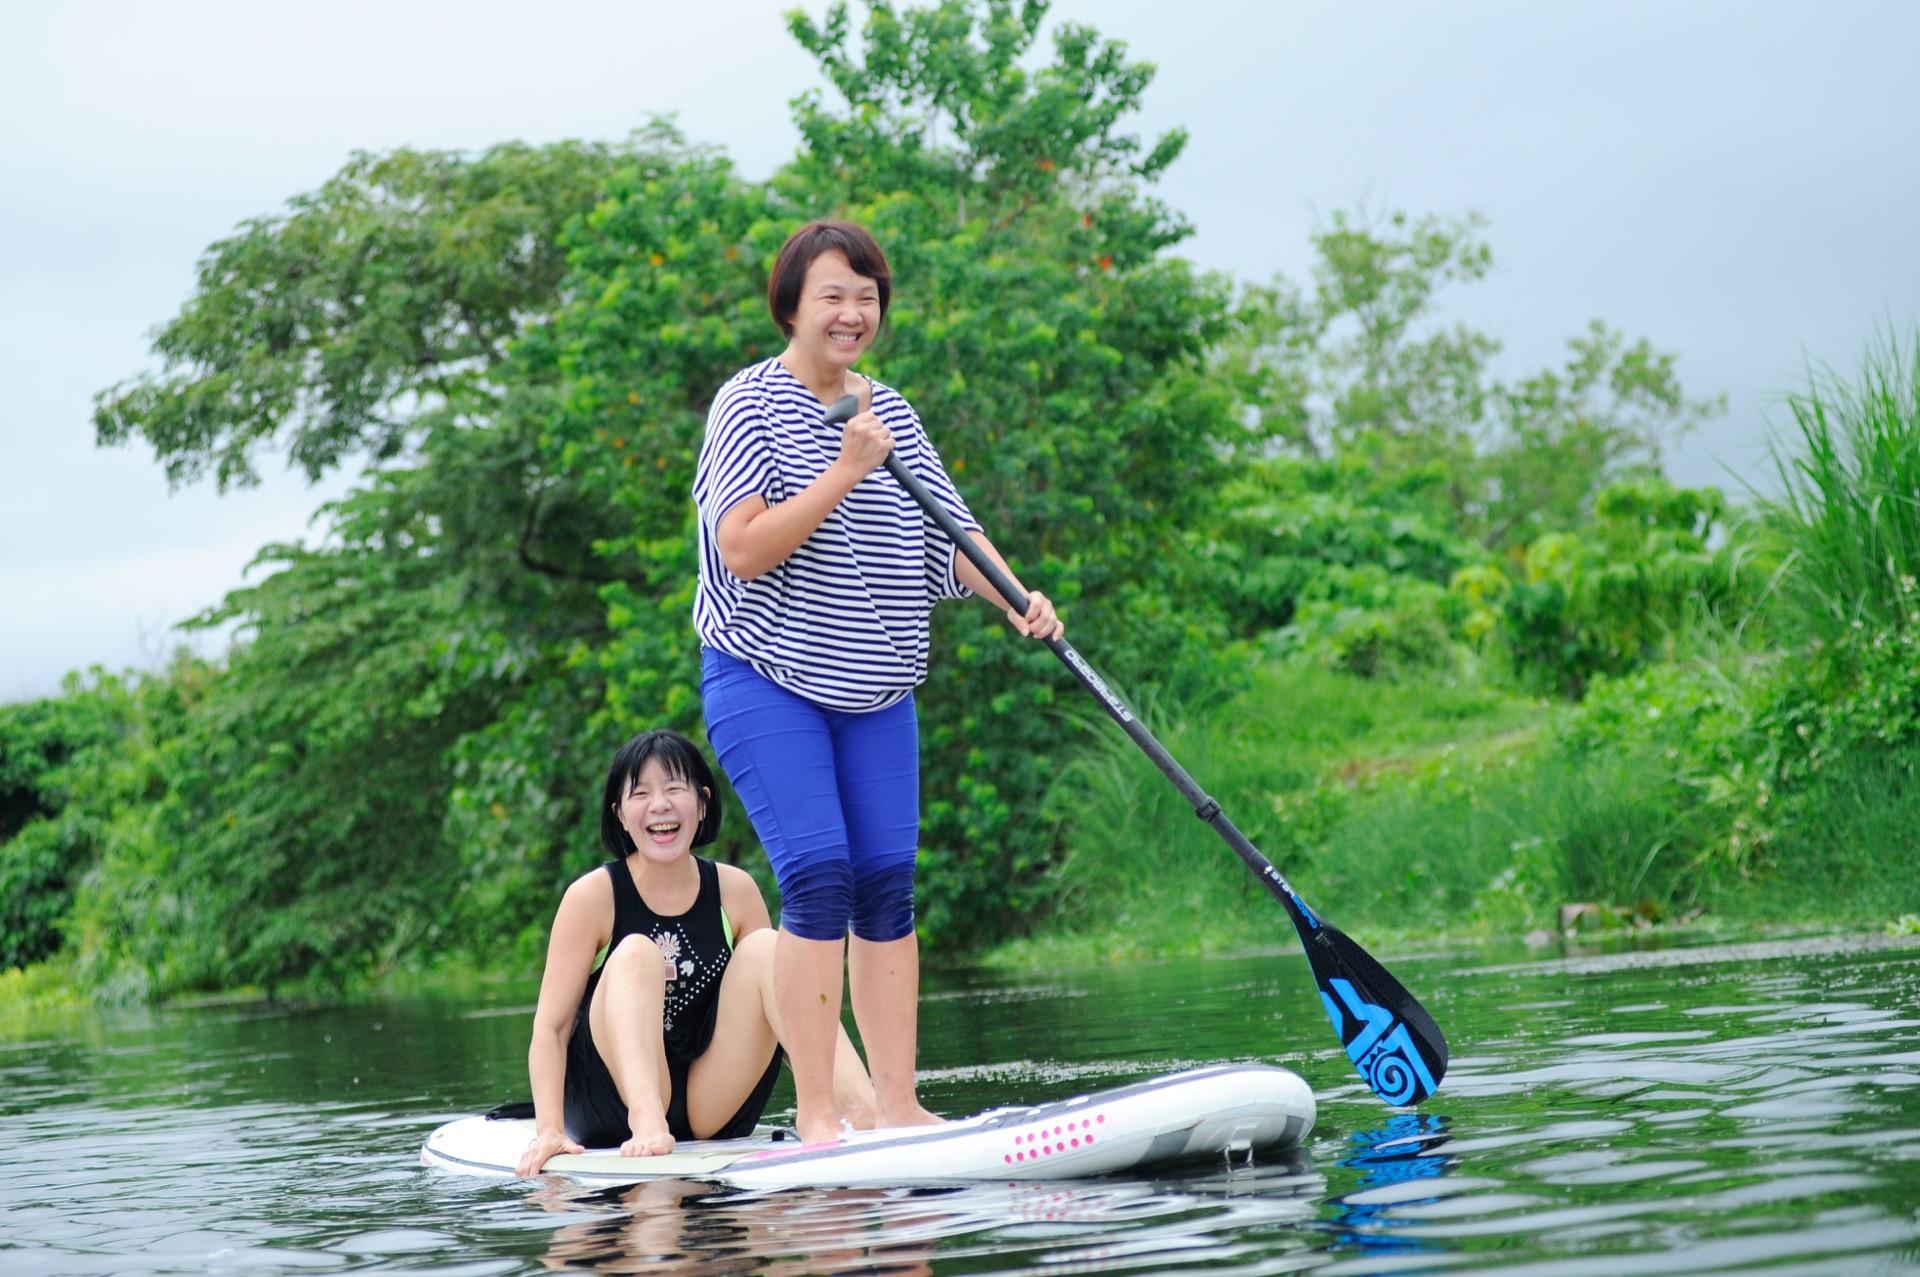 德築-DEZU-project-Fun3sport-sup-lake-10